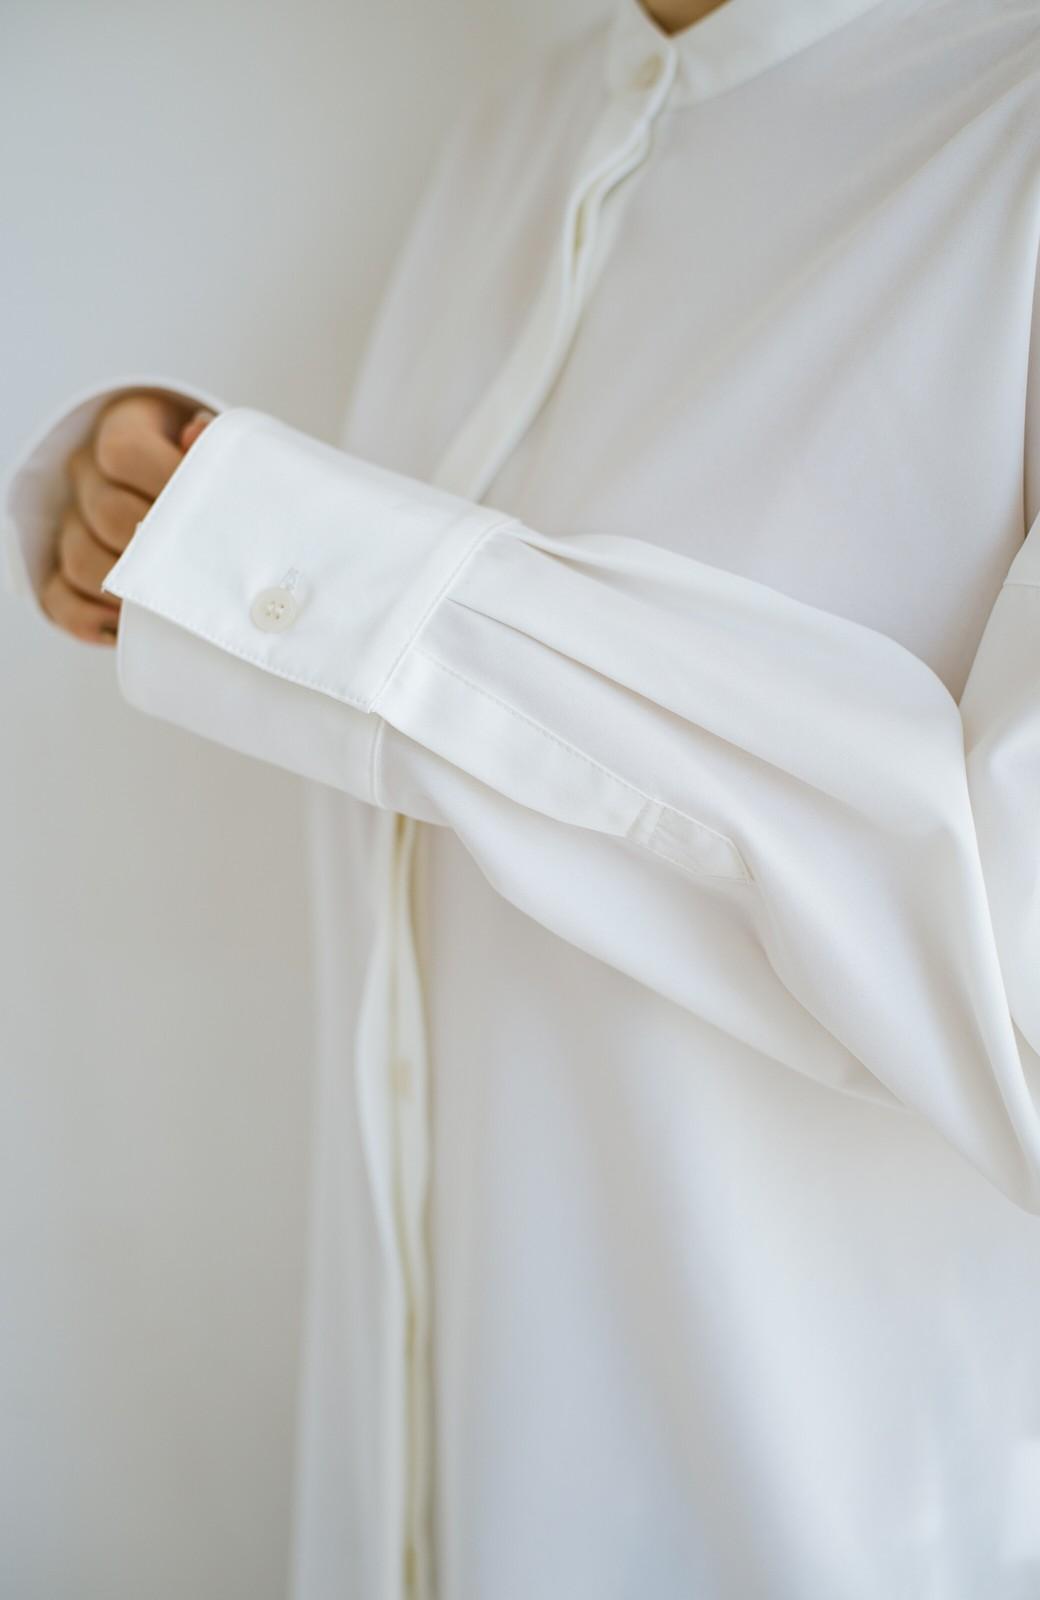 haco! 【肩幅党】あの大人気白シャツが進化!華奢見せ計算済みのVネックニットがさらに冬おしゃれを後押し! 第一印象おまかせあれ!の便利なシャツ&ニットセット <ブルーグリーン>の商品写真15